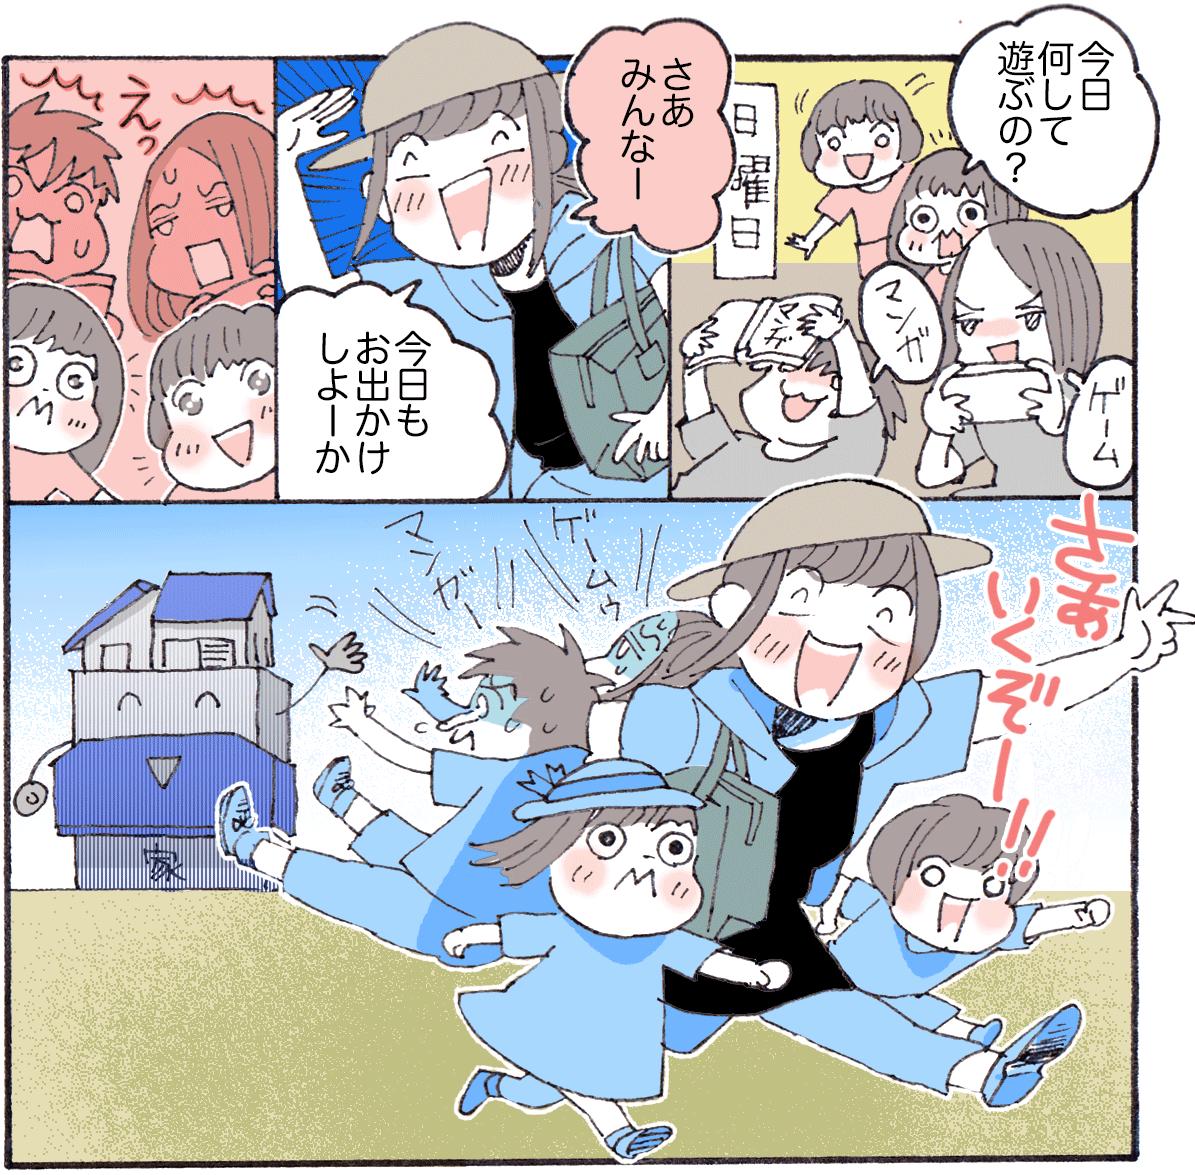 17_04_mamastar_Mstory07